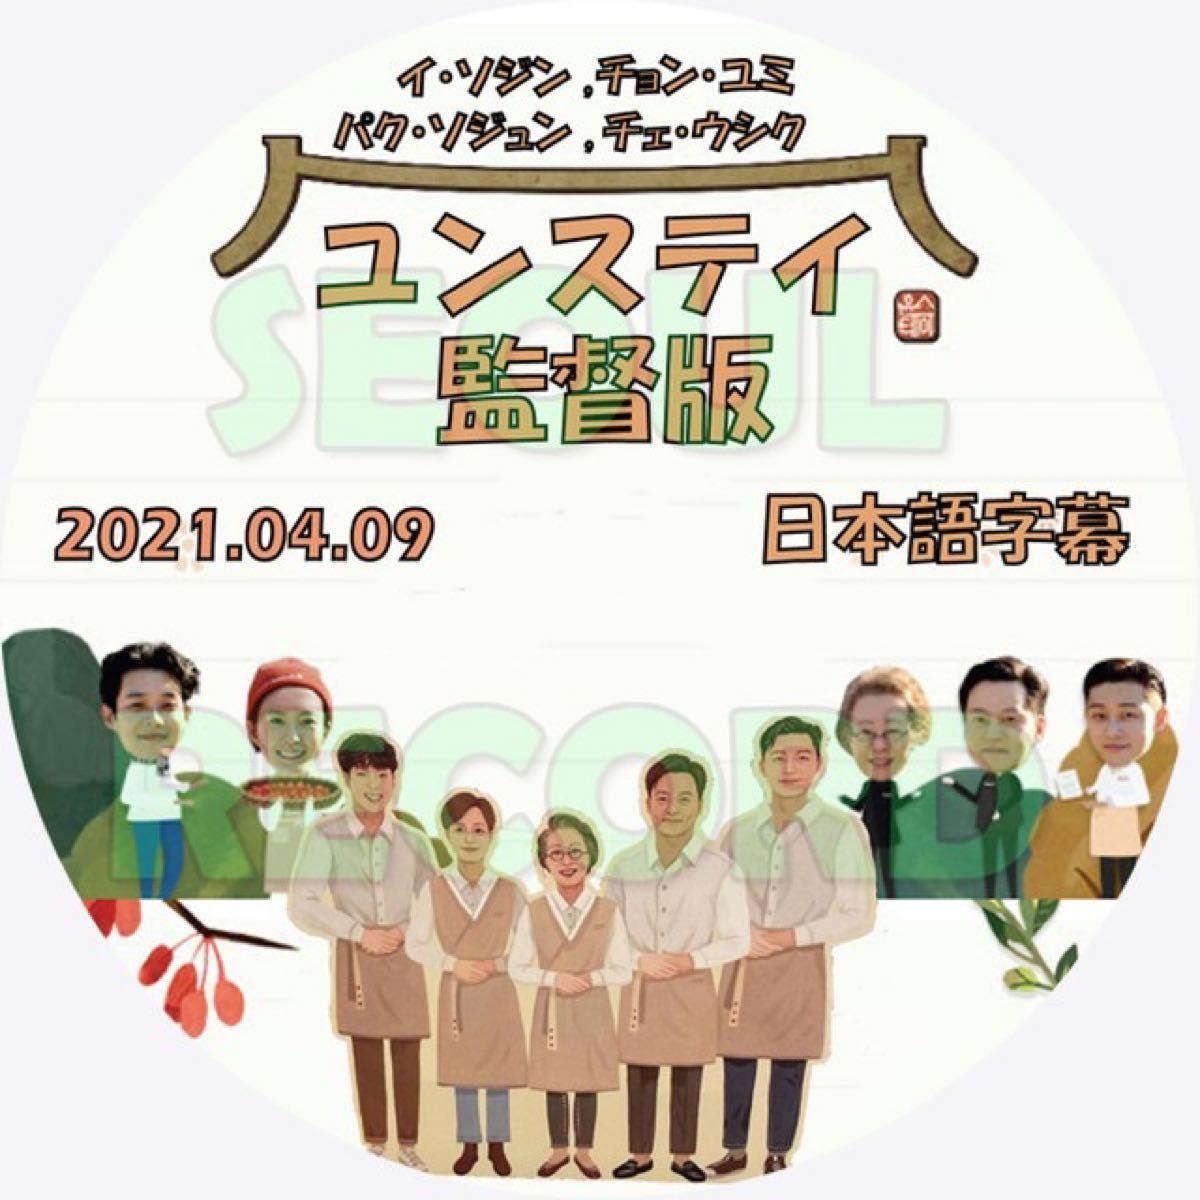 パクソジュン ユンステイ ディレクターズ・カット 21.04.09 日本語字幕付DVDレーベル印刷付